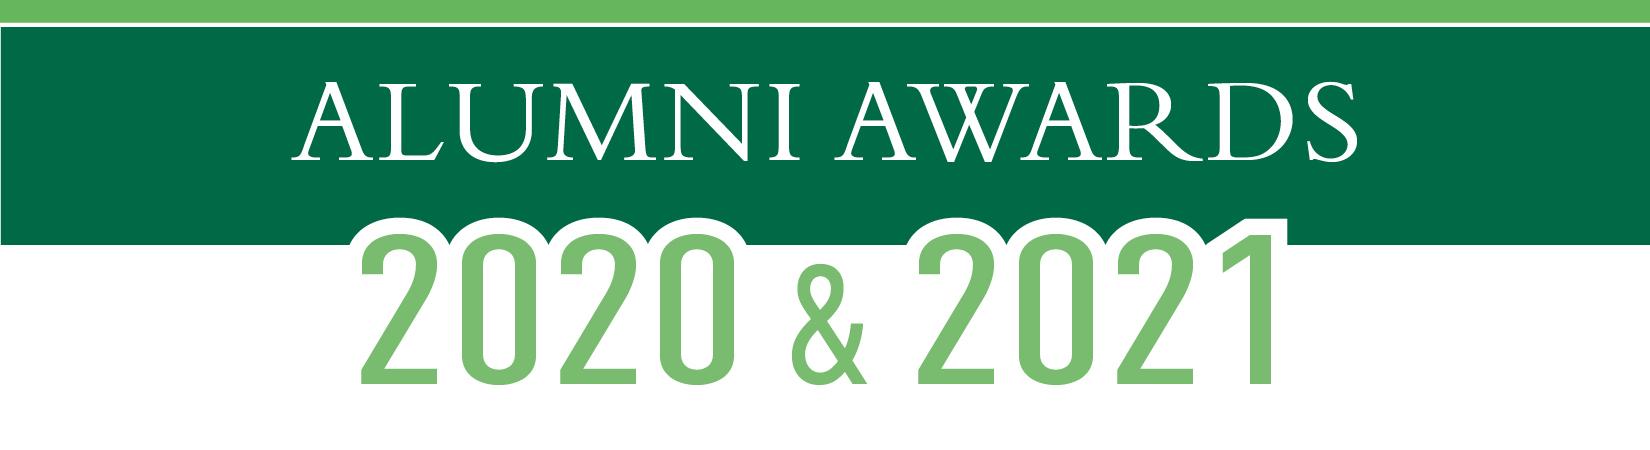 Alumni Awards 2020 & 2021